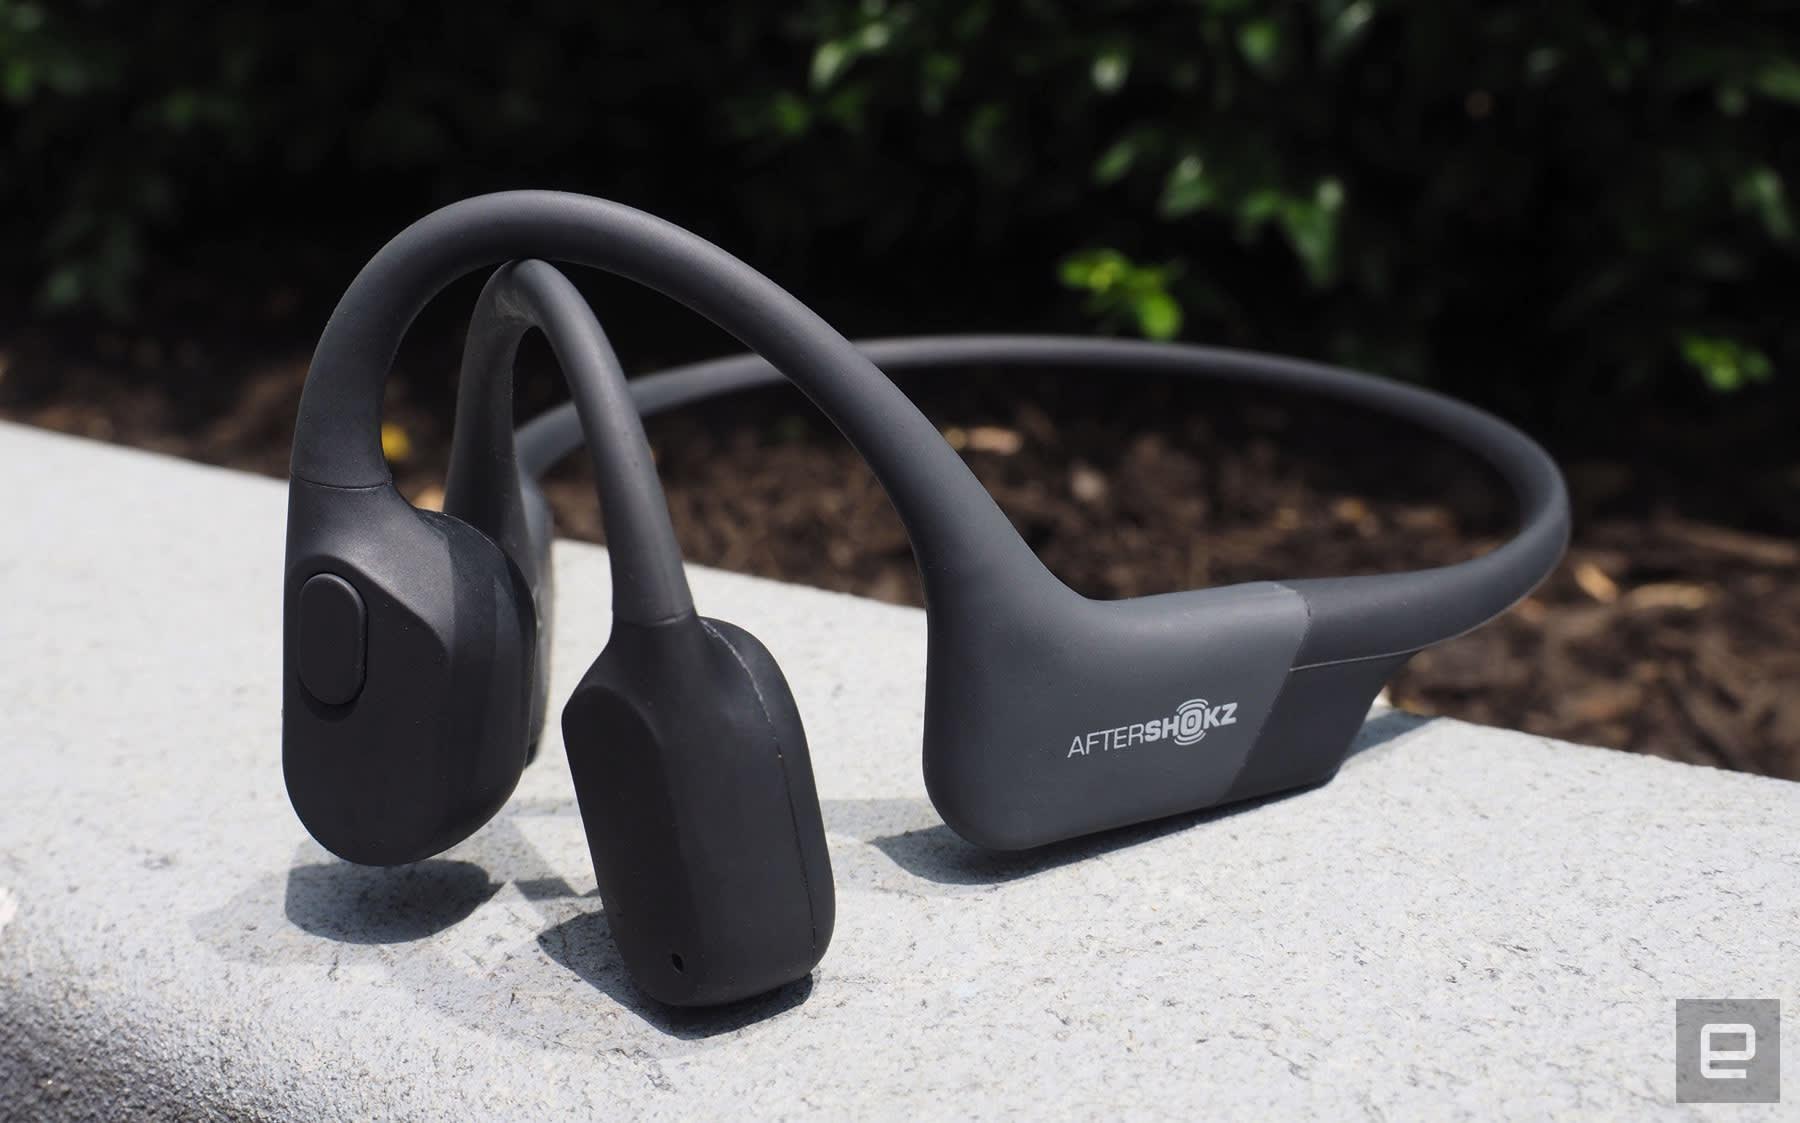 AfterShokz Aeropex açık kulaklı kulaklıklar, daha azının daha fazla olabileceğini kanıtlıyor | Engadget